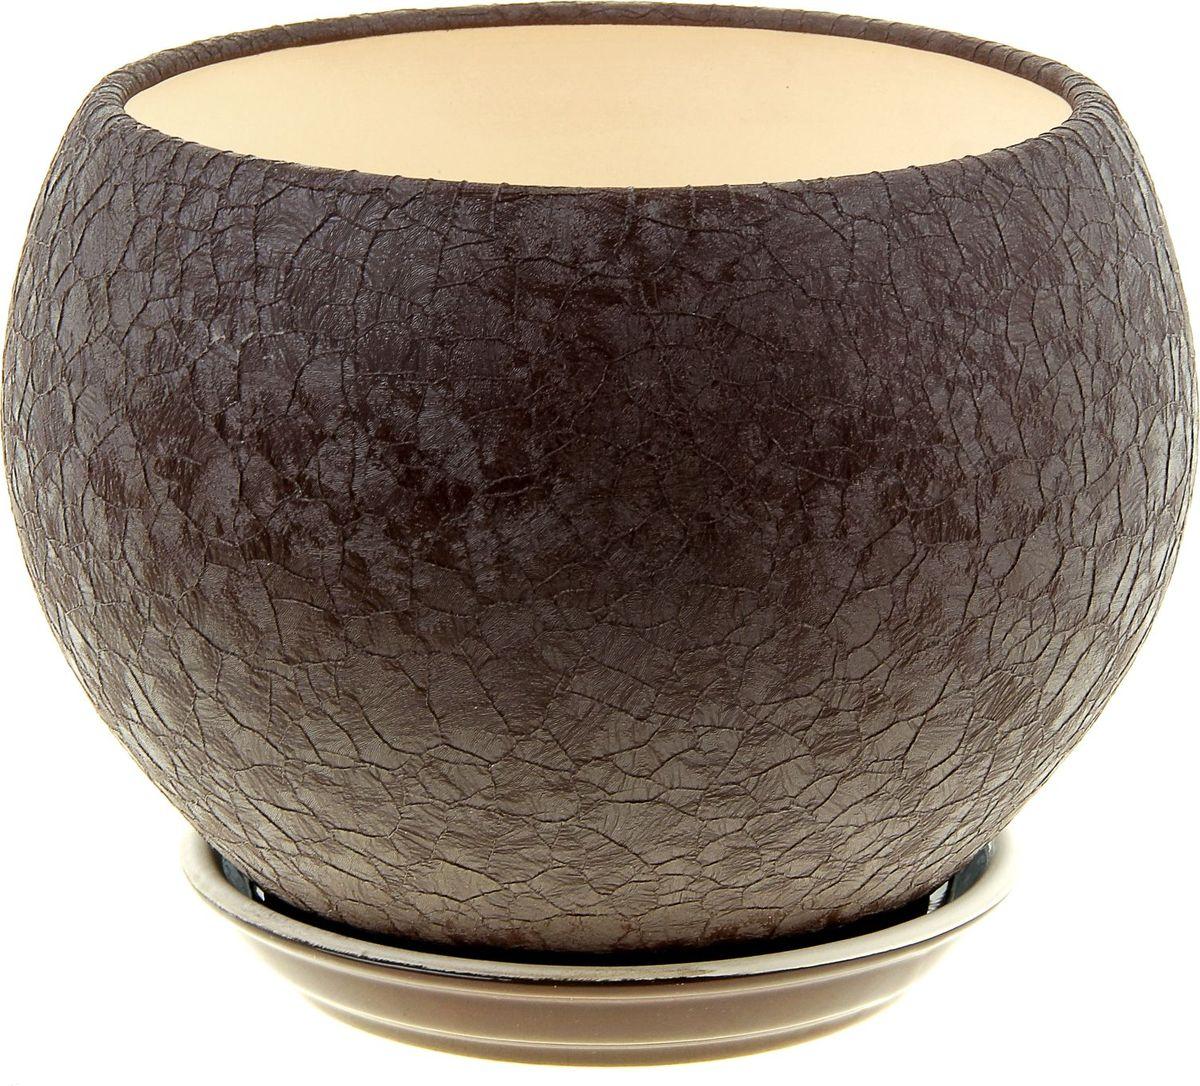 Кашпо Керамика ручной работы Шар, цвет: шоколадный, 4,1 л835712Комнатные растения — всеобщие любимцы. Они радуют глаз, насыщают помещение кислородом и украшают пространство. Каждому из них необходим свой удобный и красивый дом. Кашпо из керамики прекрасно подходят для высадки растений: за счет пластичности глины и разных способов обработки существует великое множество форм и дизайнов пористый материал позволяет испаряться лишней влаге воздух, необходимый для дыхания корней, проникает сквозь керамические стенки! позаботится о зеленом питомце, освежит интерьер и подчеркнет его стиль.